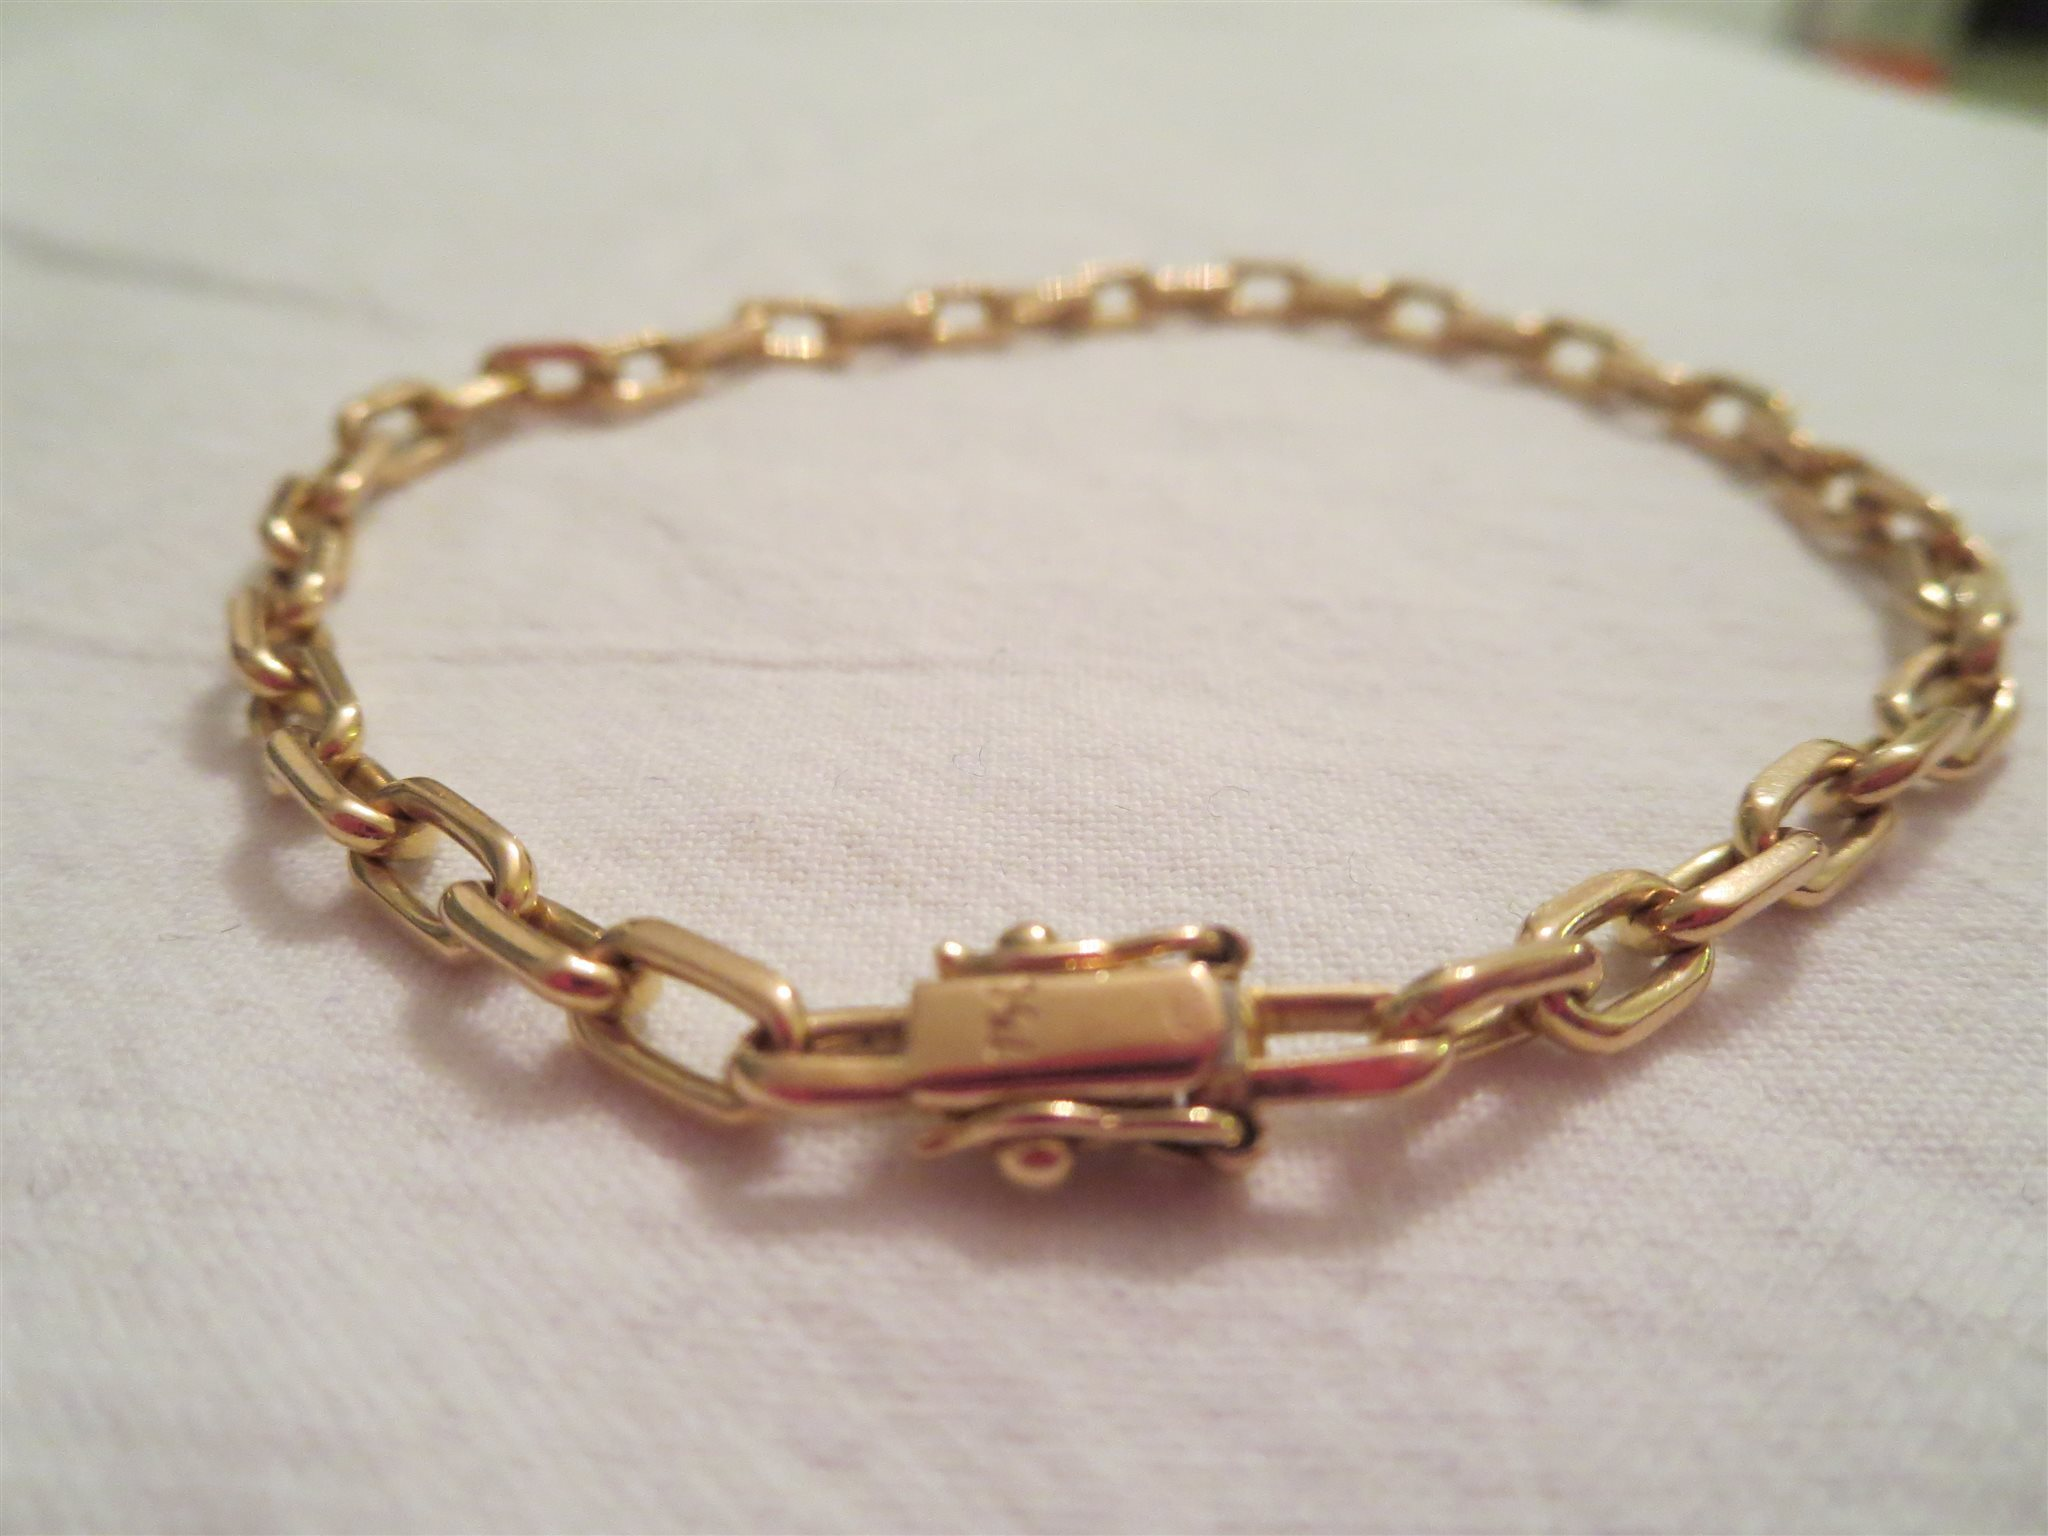 Ankarlänk 18K guld. 11.4 g. Ca 21 cm. (337091445) ᐈ Köp på Tradera 798204ec80247